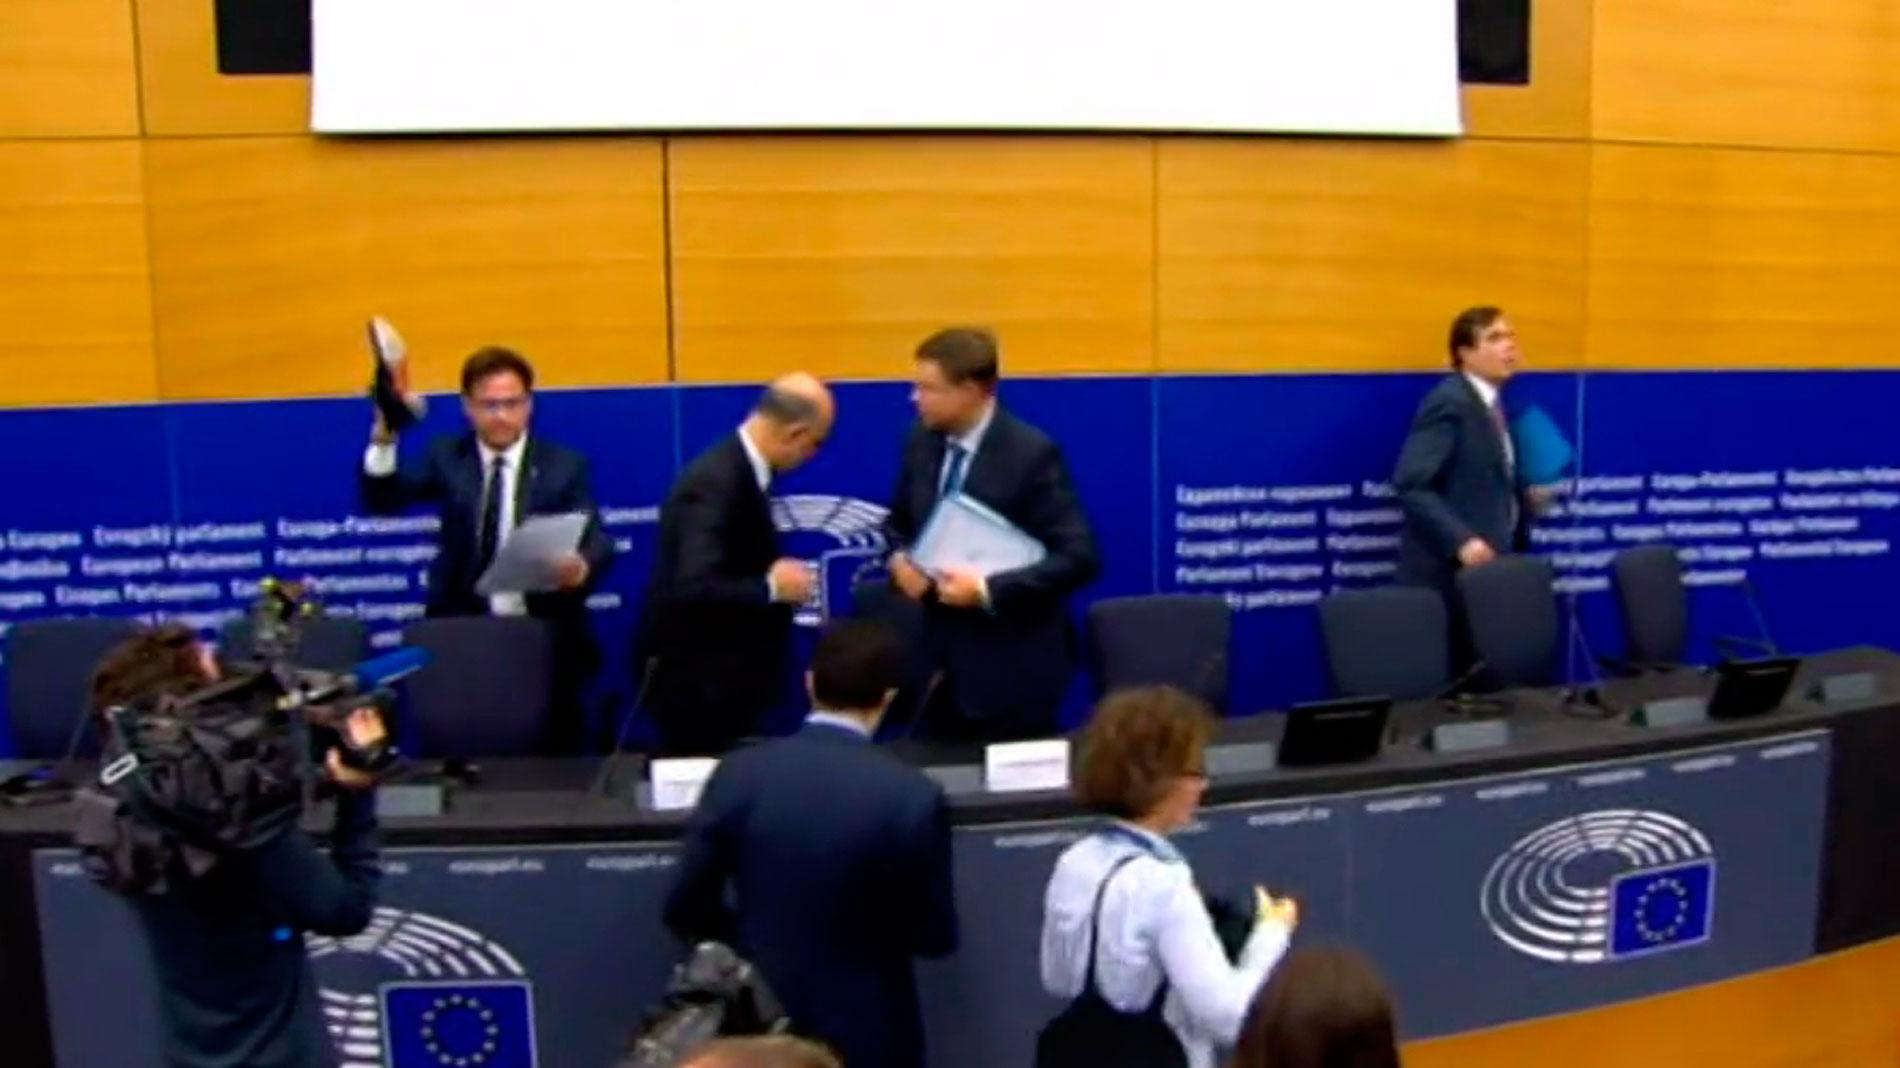 Un eurodiputado de la ultraderechista Liga pisotea los papeles del comisario tras vetar presupuesto